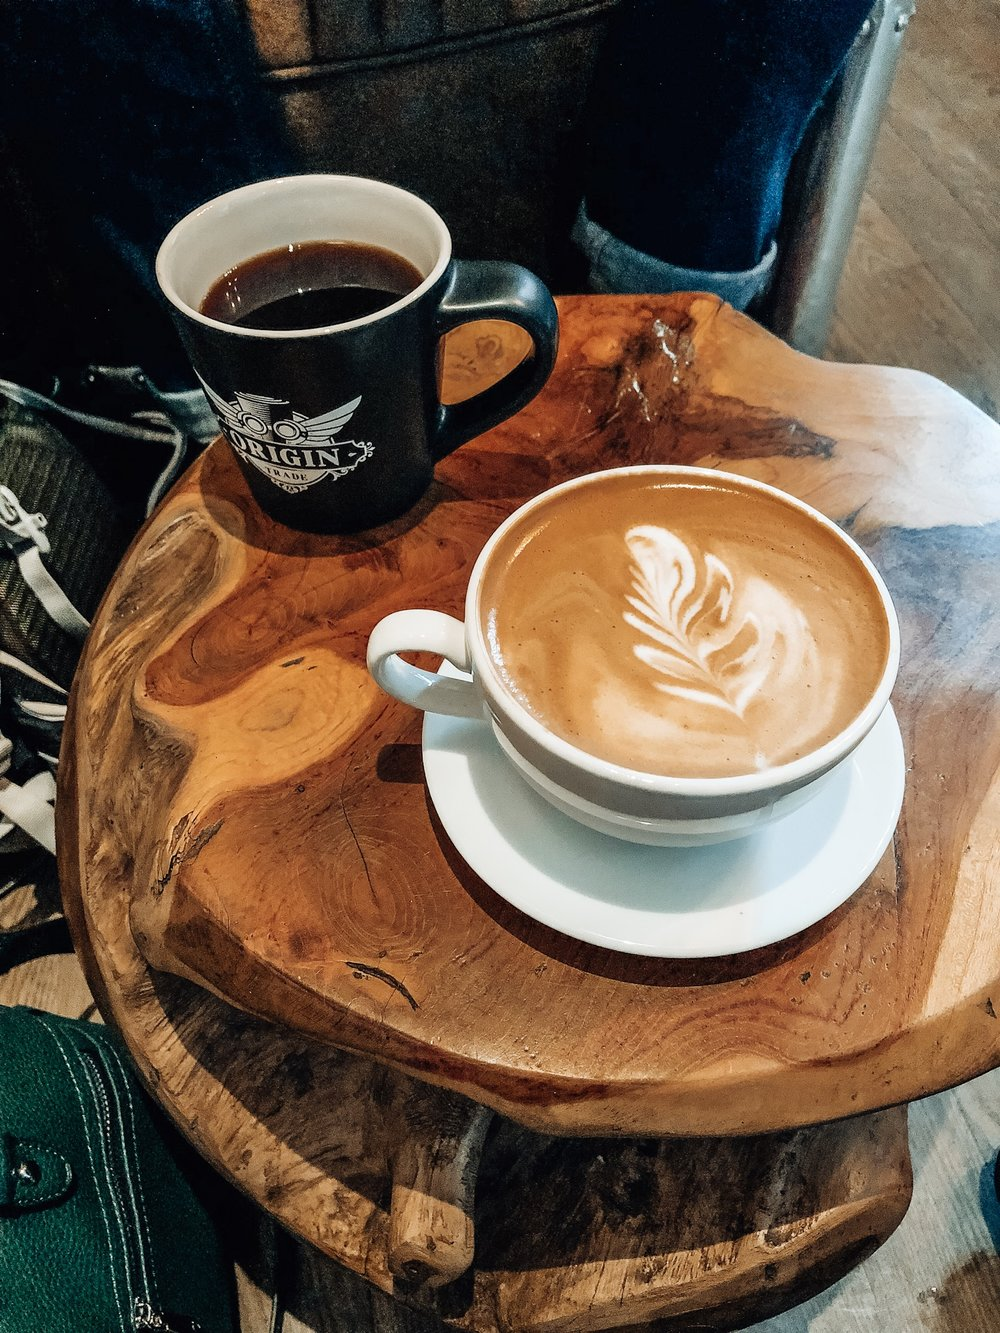 Origin Trade Coffee in Ottawa